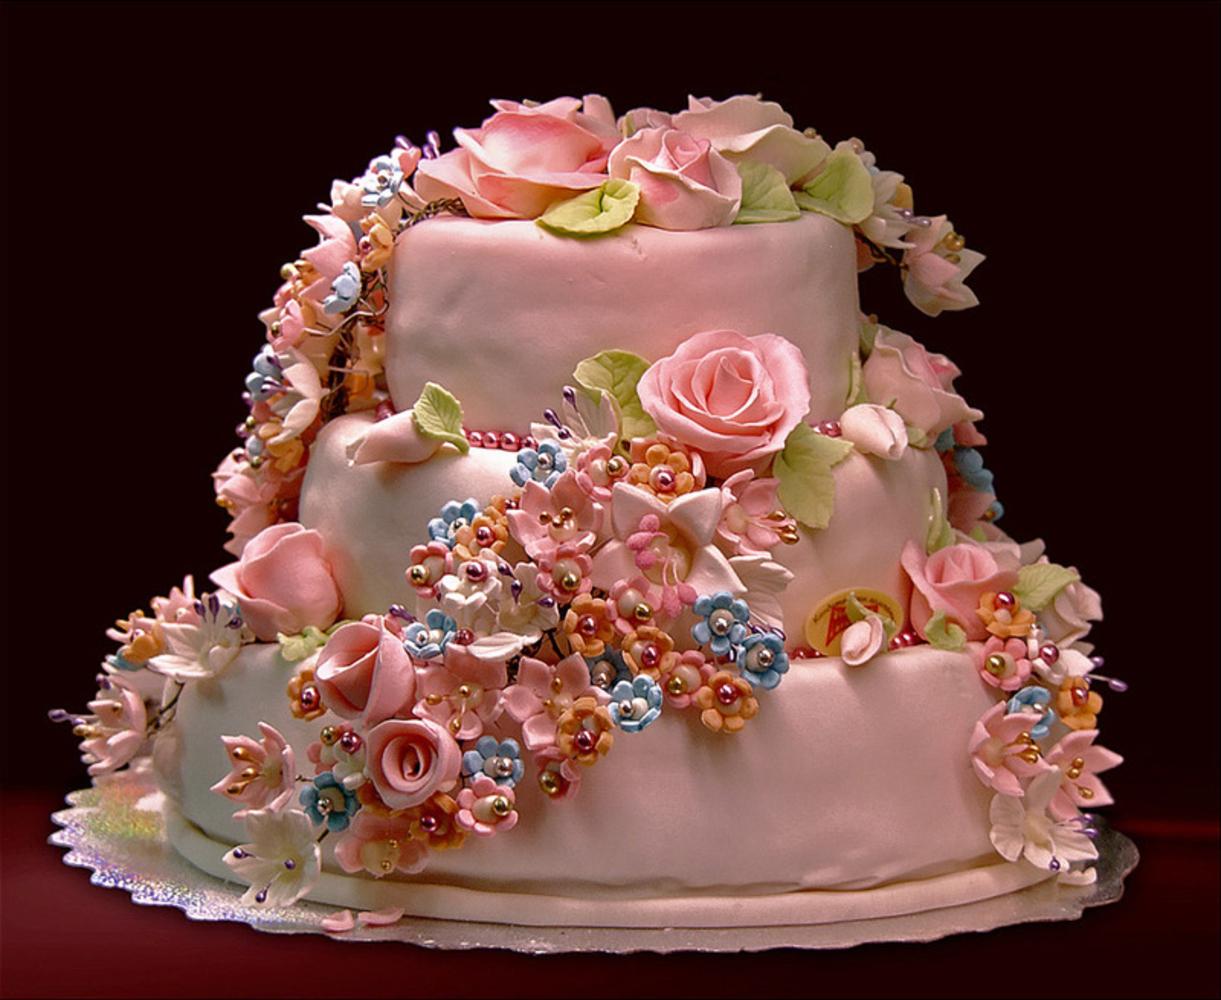 Картинка красивый торт на день рождения